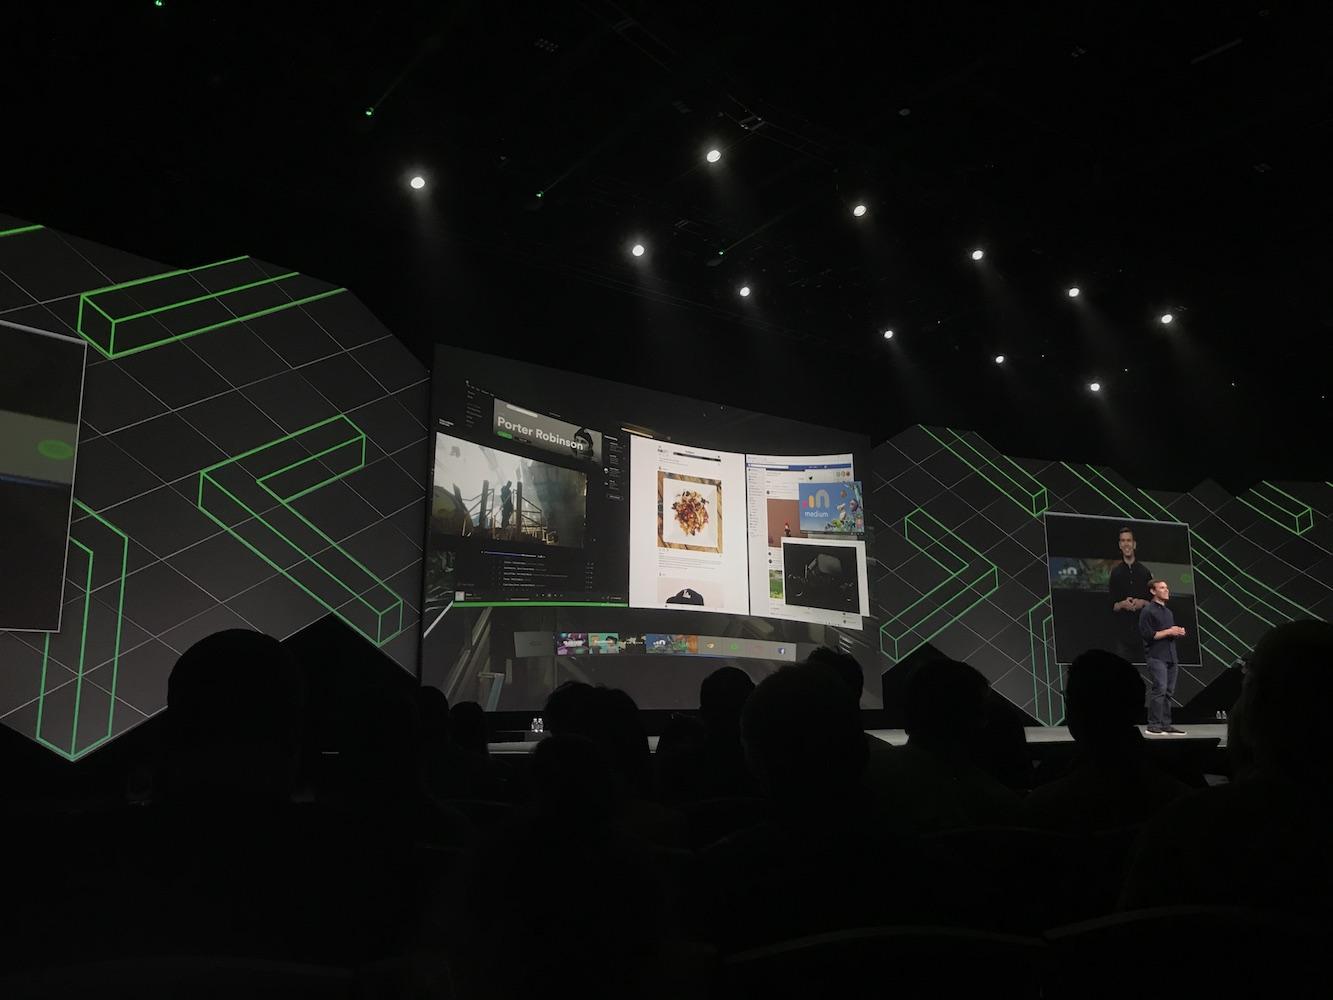 oculus dash